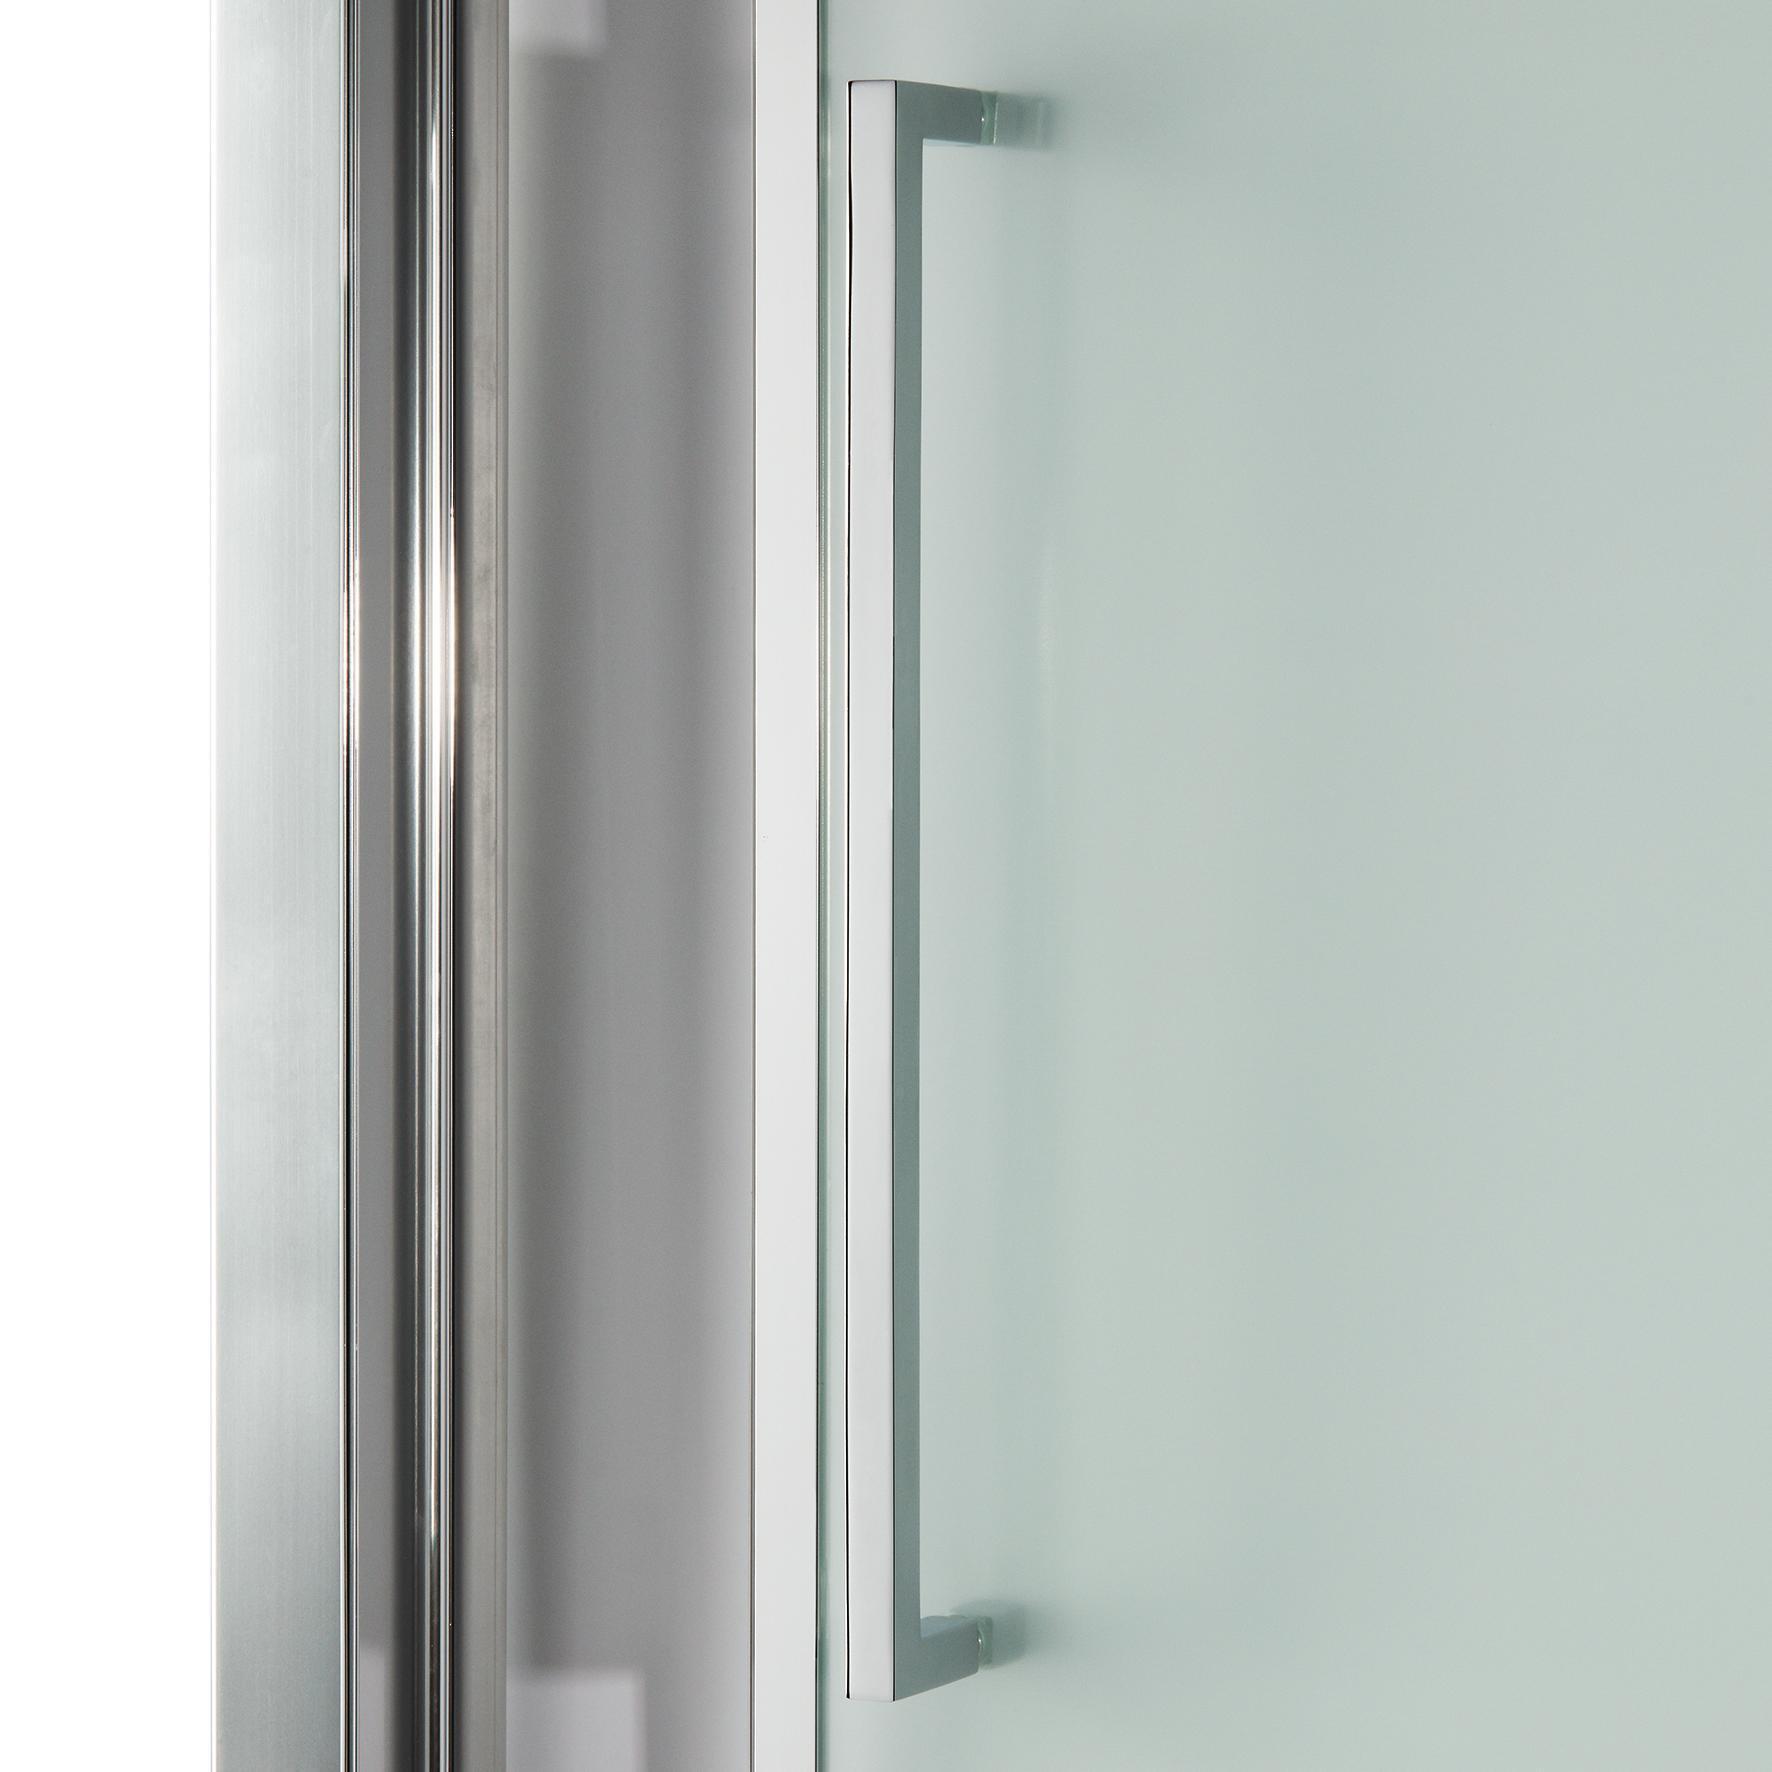 Porta doccia battente Record 72 cm, H 195 cm in vetro temprato, spessore 6 mm trasparente silver - 3